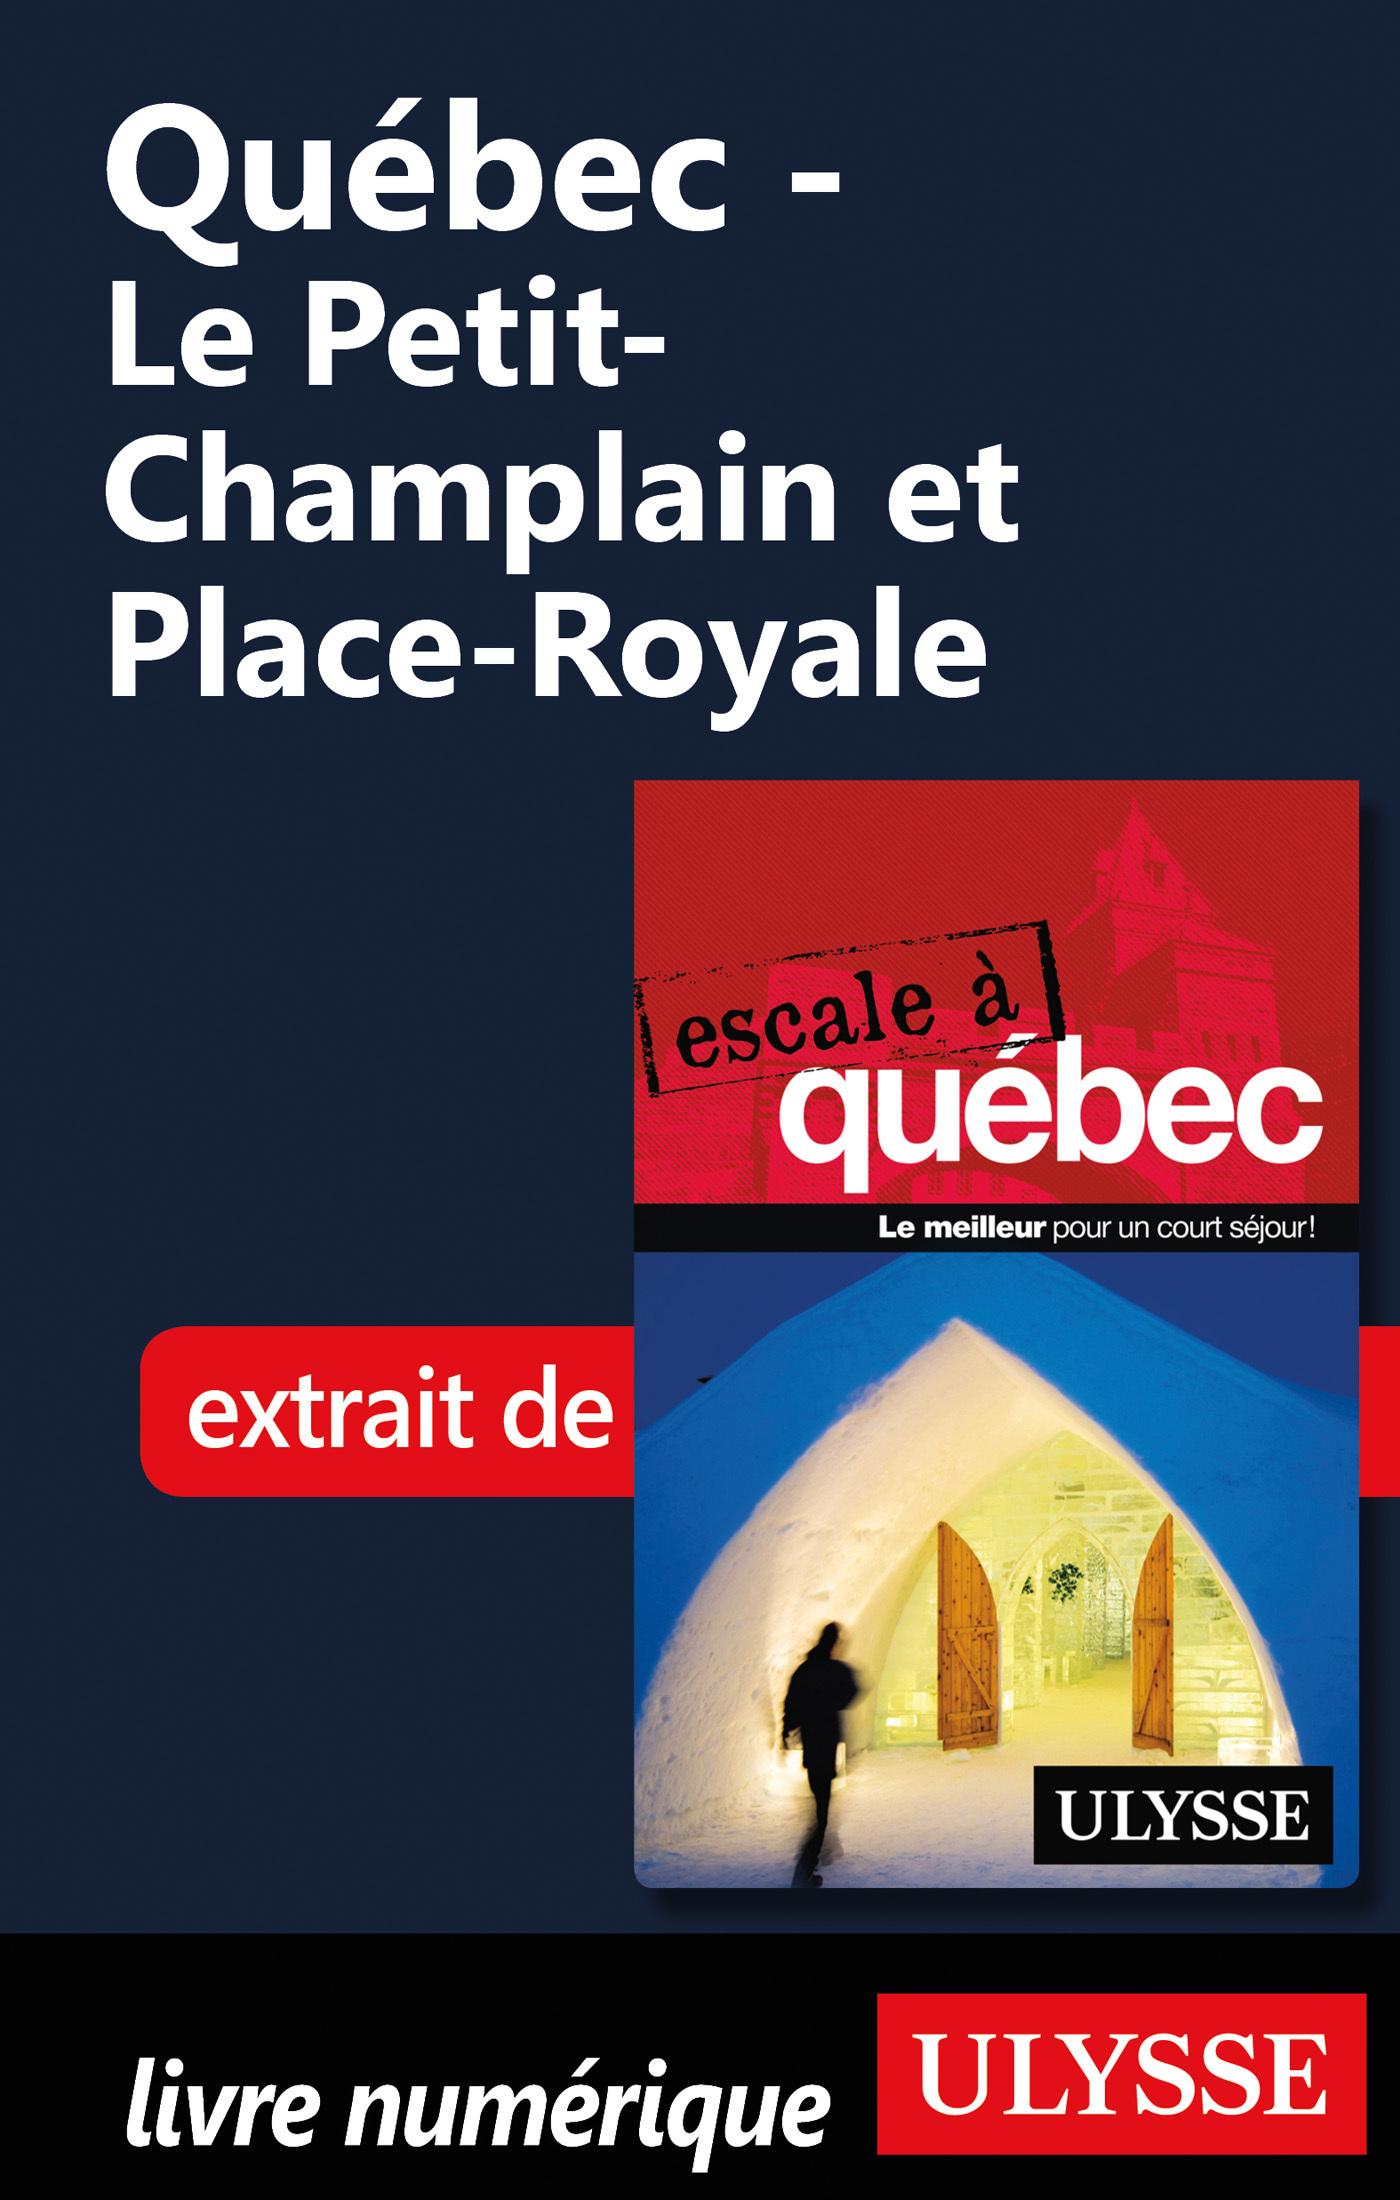 Québec - Le Petit-Champlain...